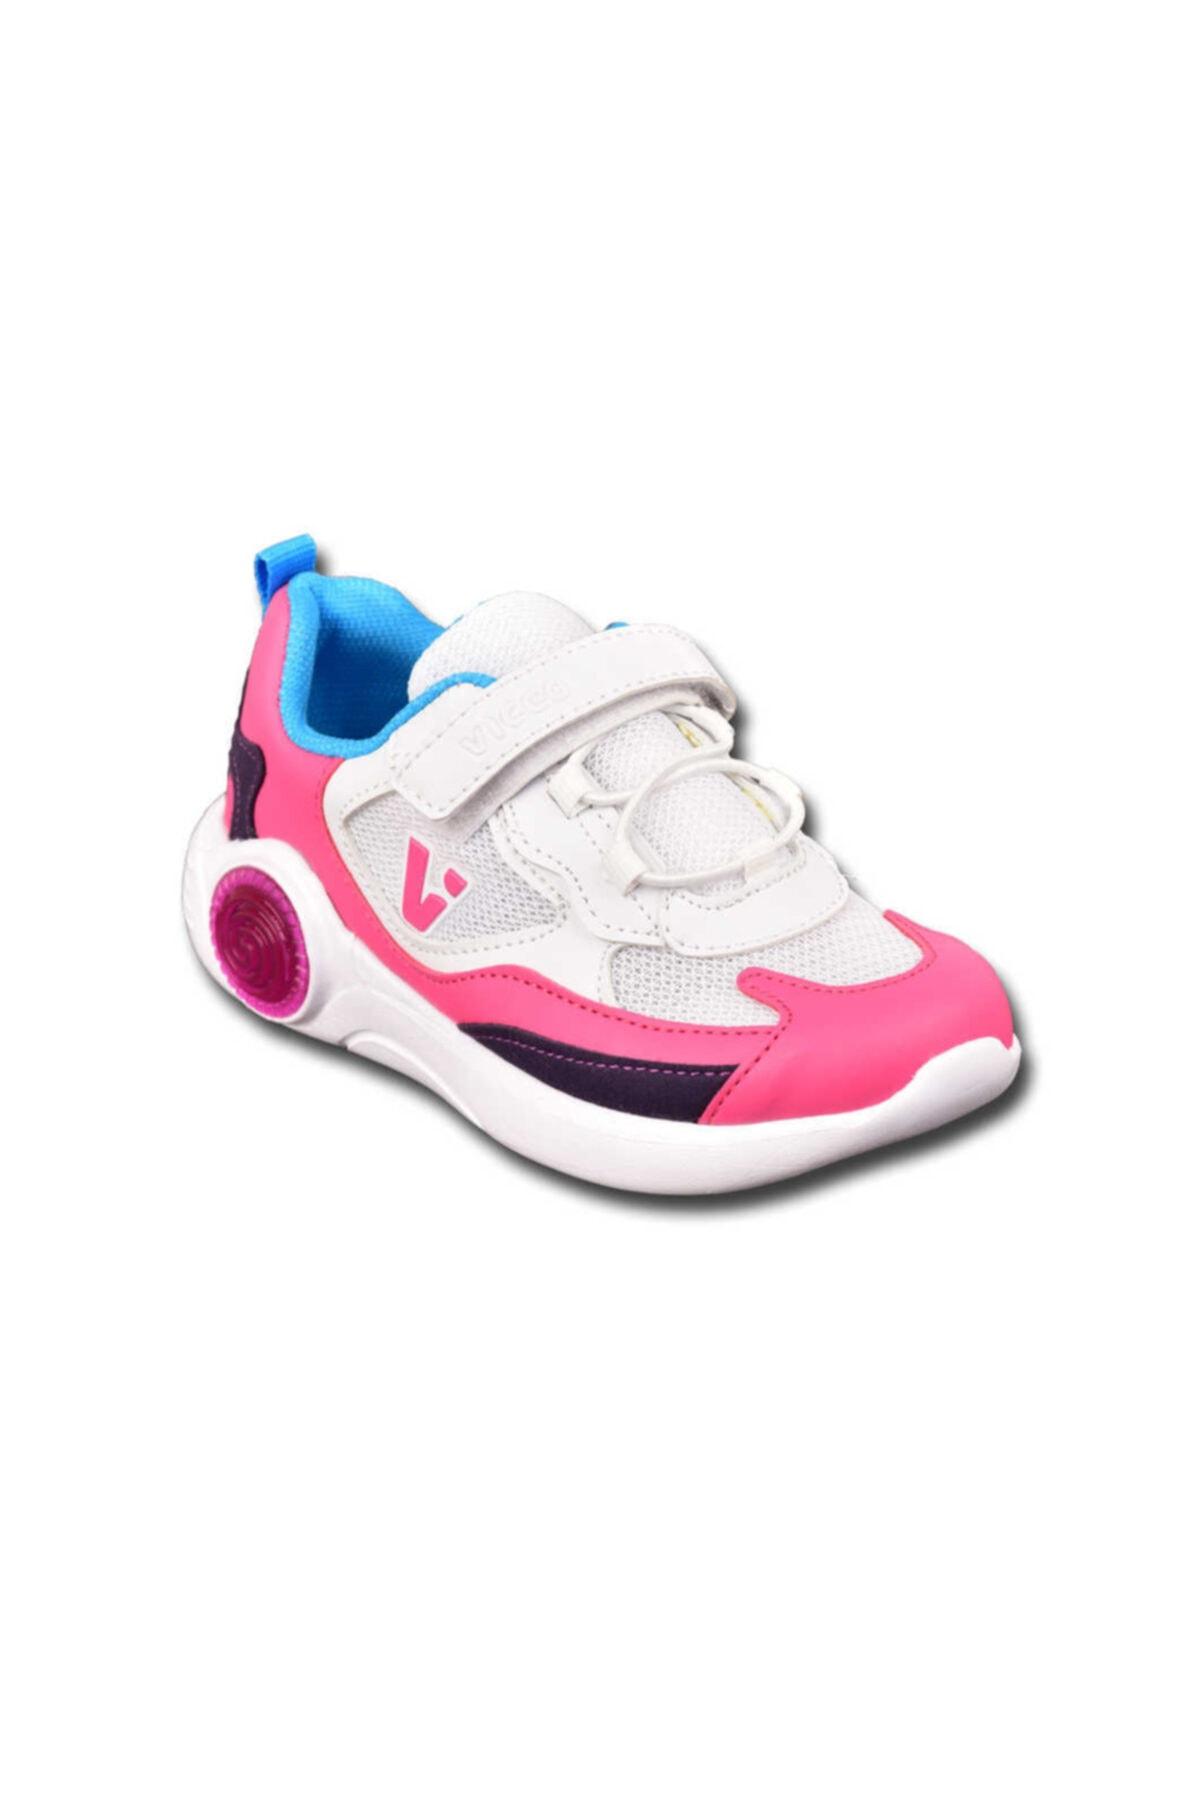 Kadın Beyaz Vicco Çocuk Kız Spor Ayakkabı 346 214-20y